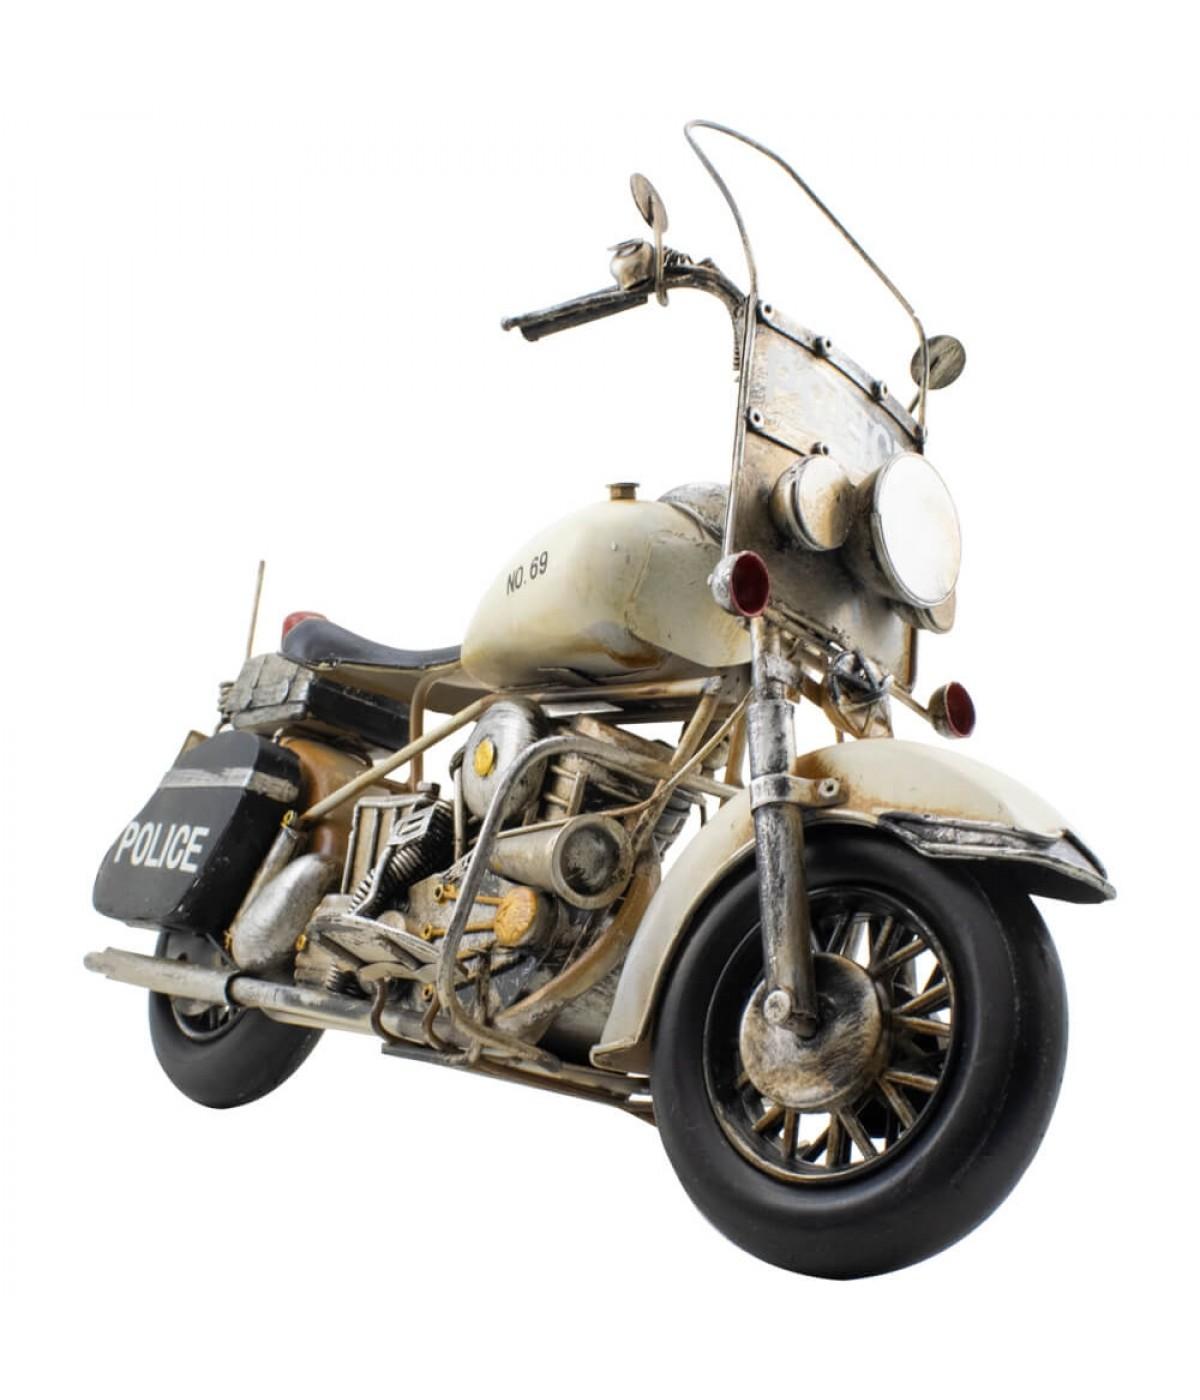 Motocicleta Branca Policial 34cm Estilo Retrô - Vintage